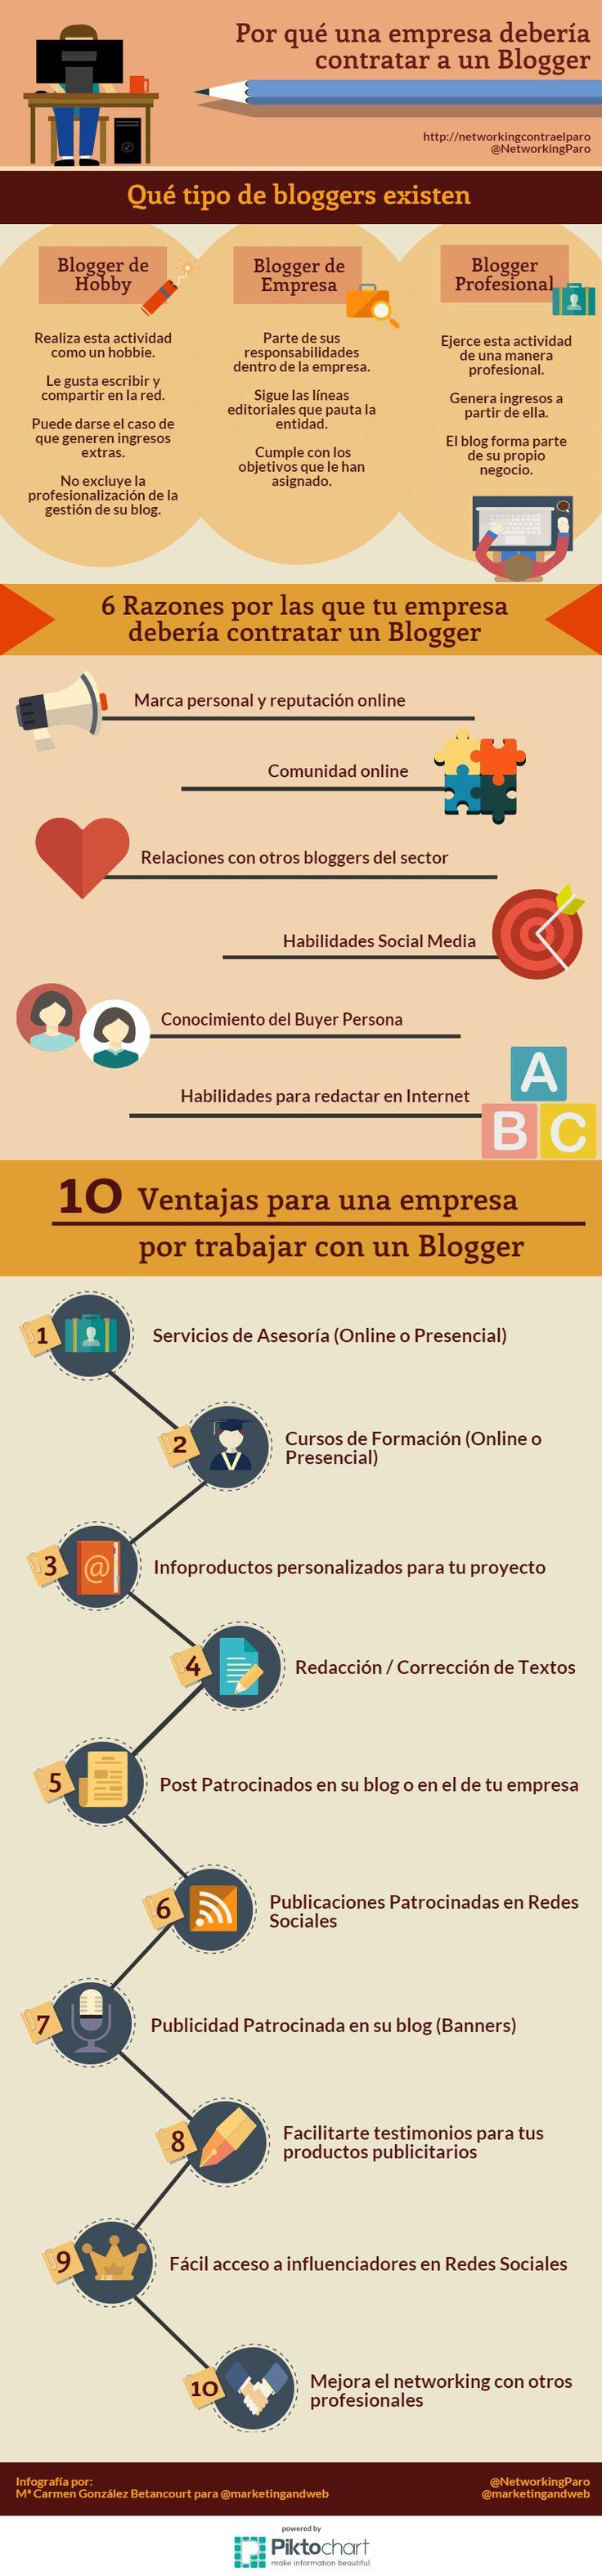 Elementos básicos que debe considerar una empresa para crear un blog.  Tipos de Bloggers que existen.  6 Razones por las que tu empresa debería contratar un Blogger.  10 Ventajas para una empresa por trabajar con un Blogger  #blogger #blog #blogging